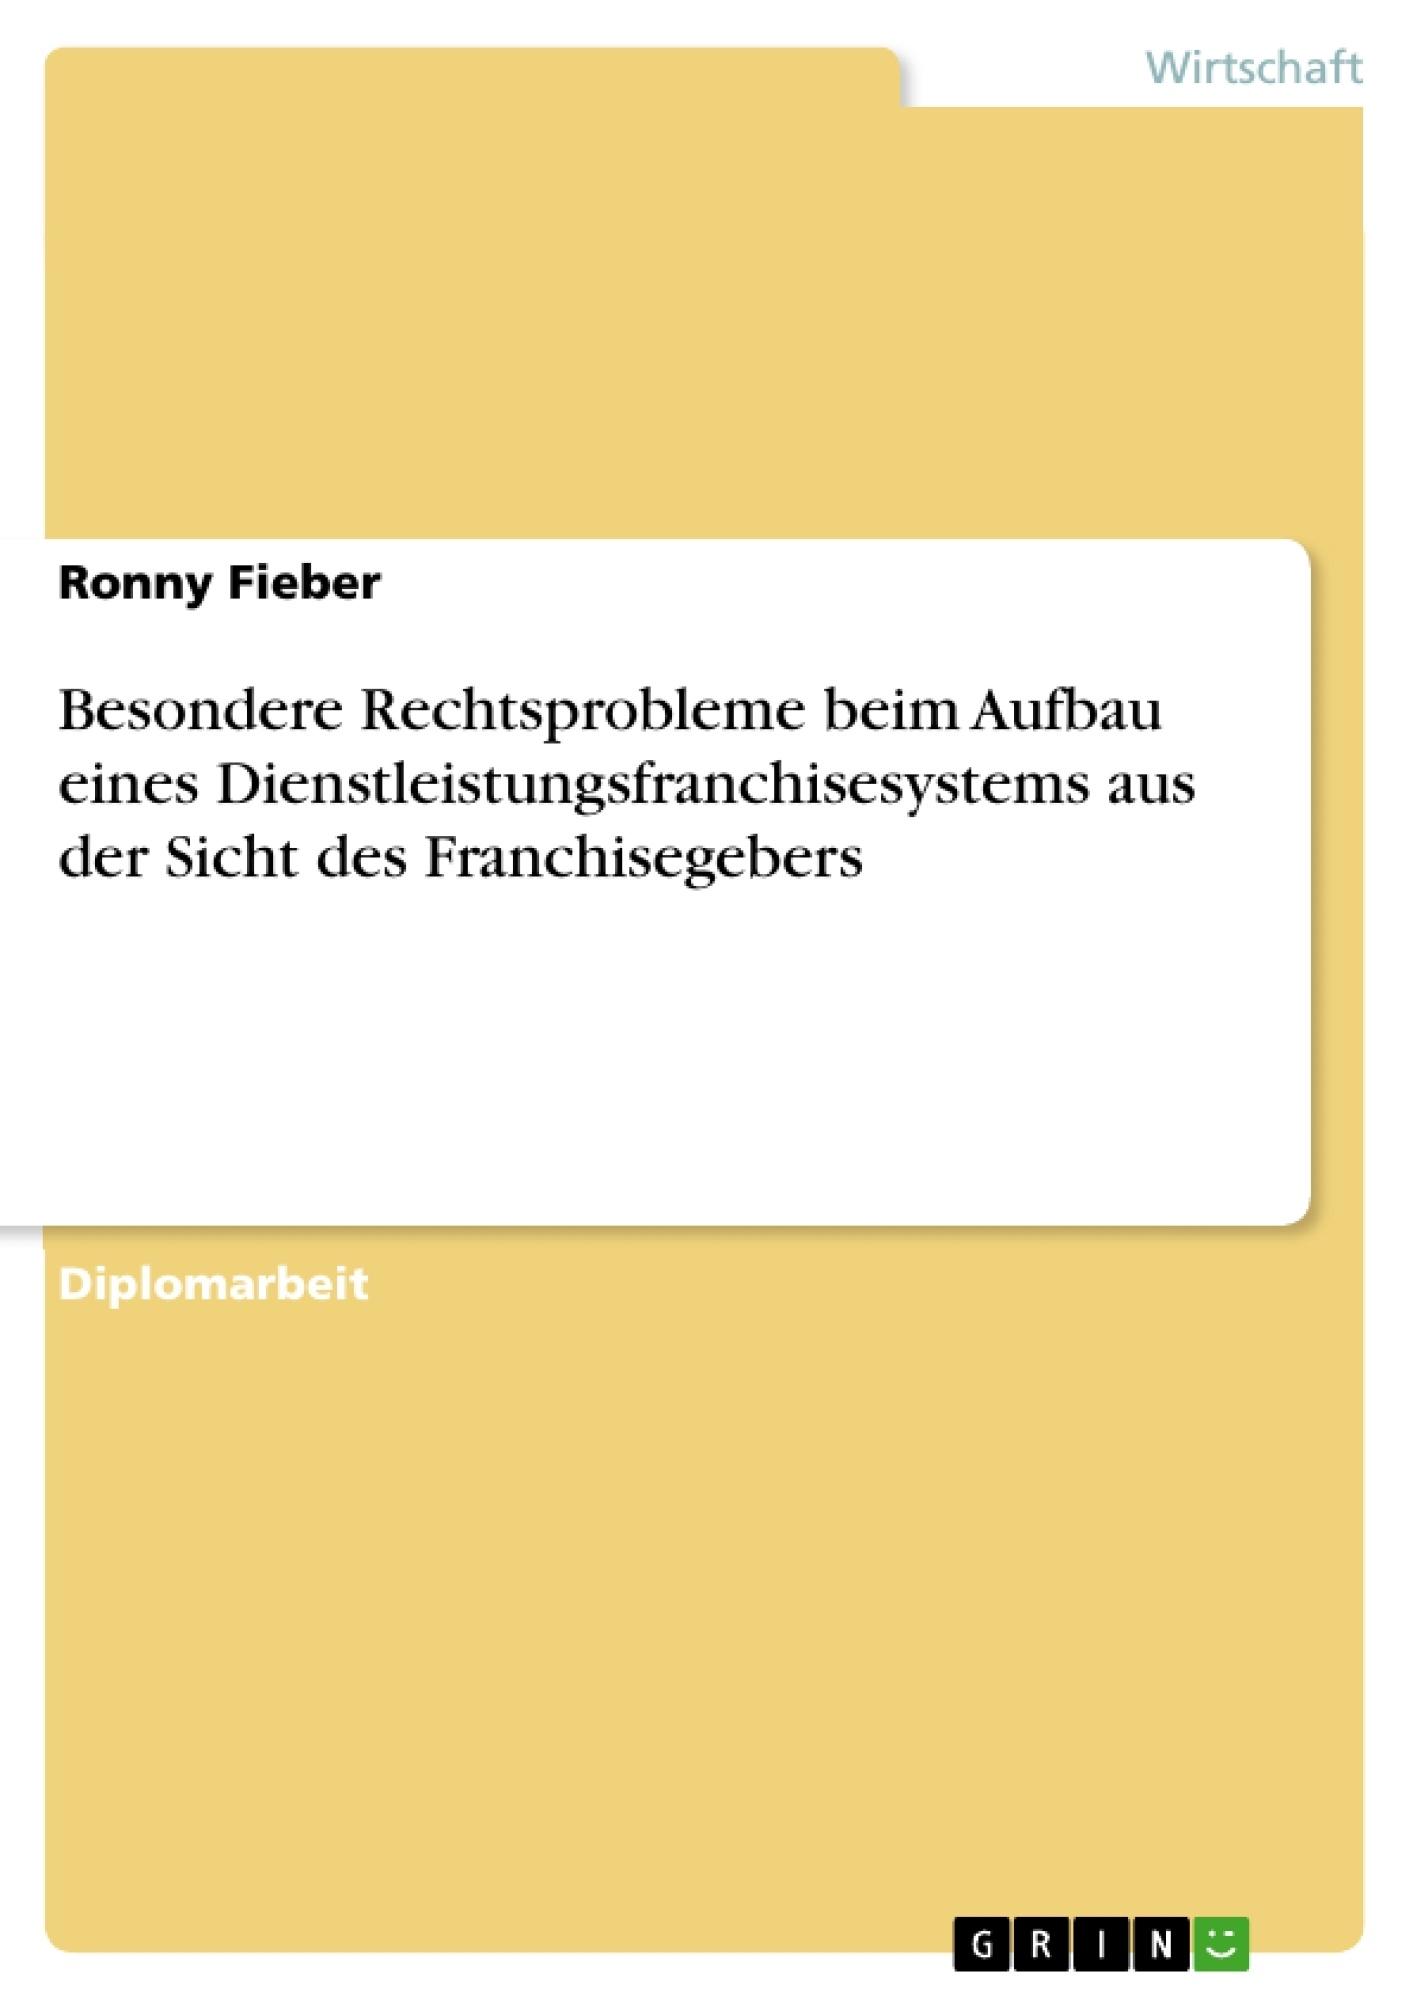 Titel: Besondere Rechtsprobleme beim Aufbau eines Dienstleistungsfranchisesystems aus der Sicht des Franchisegebers